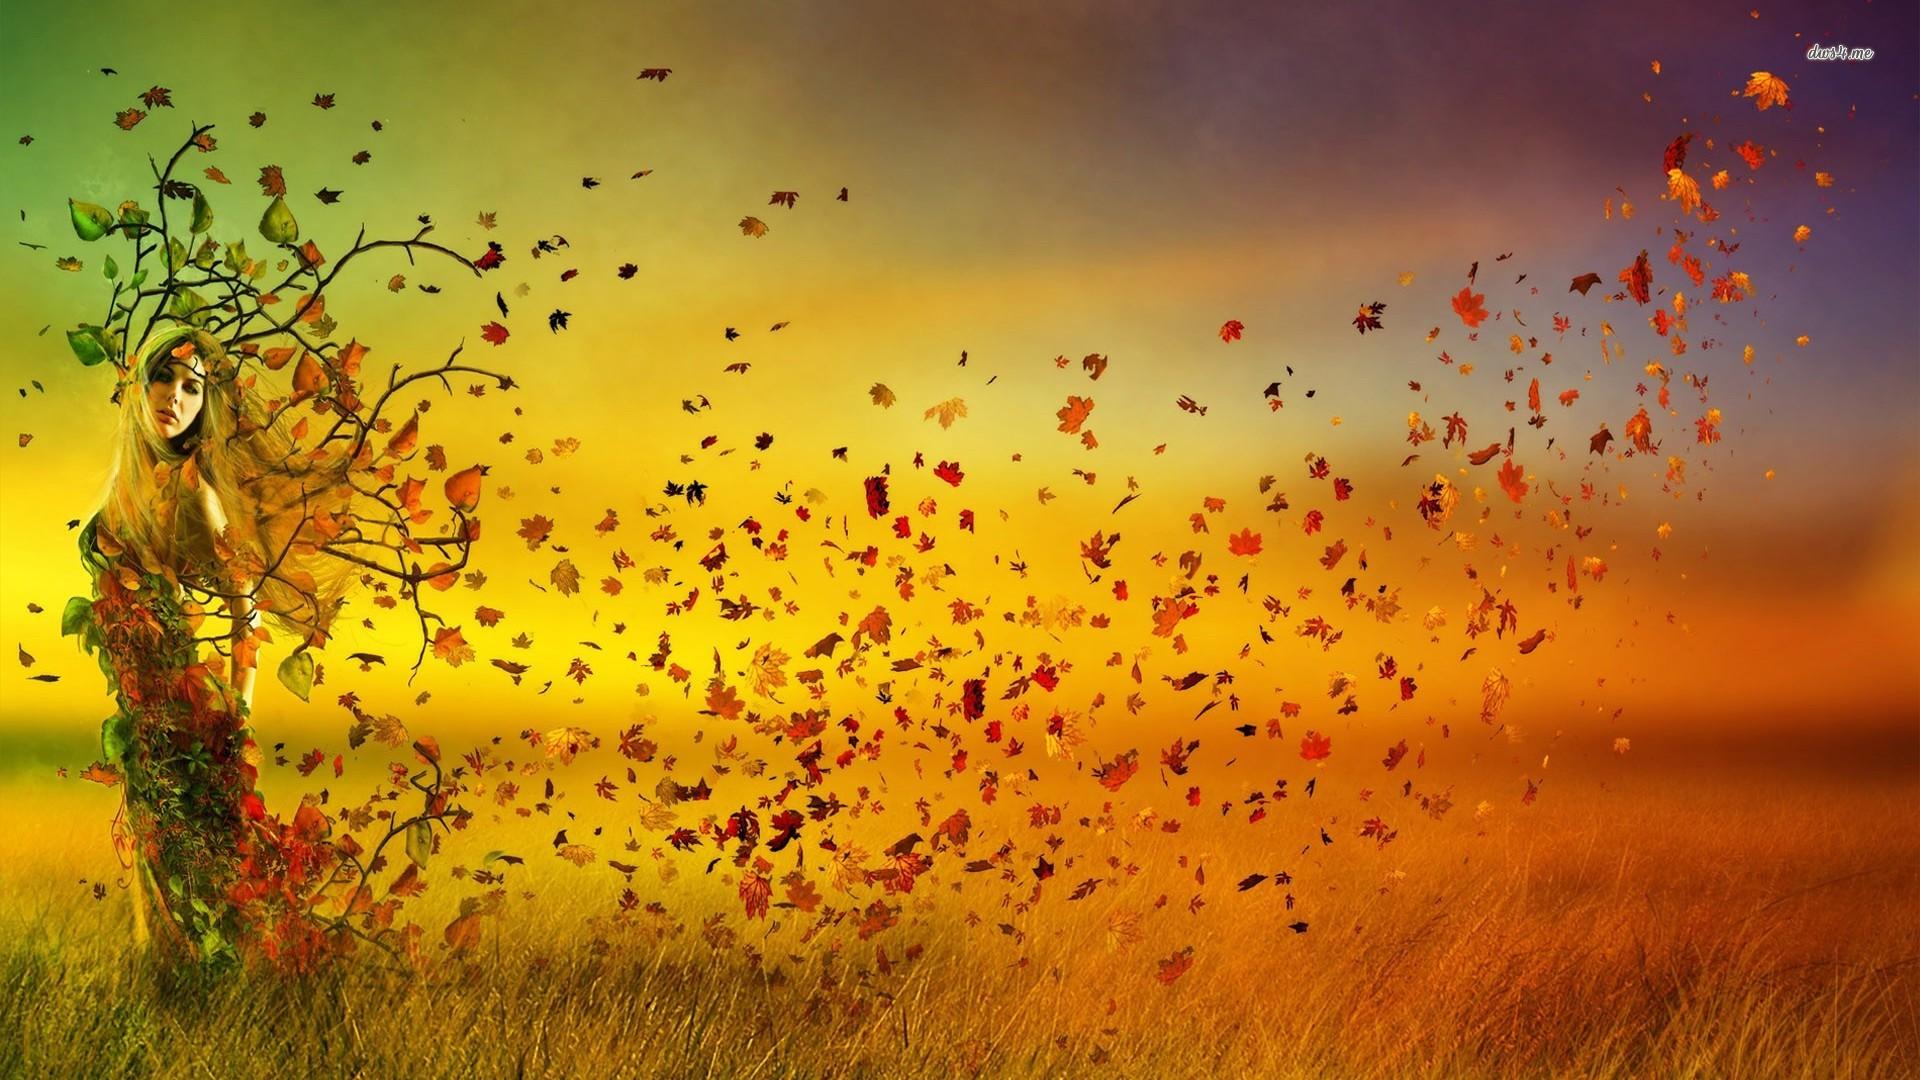 ... Autumn wallpaper 1920x1080 ...